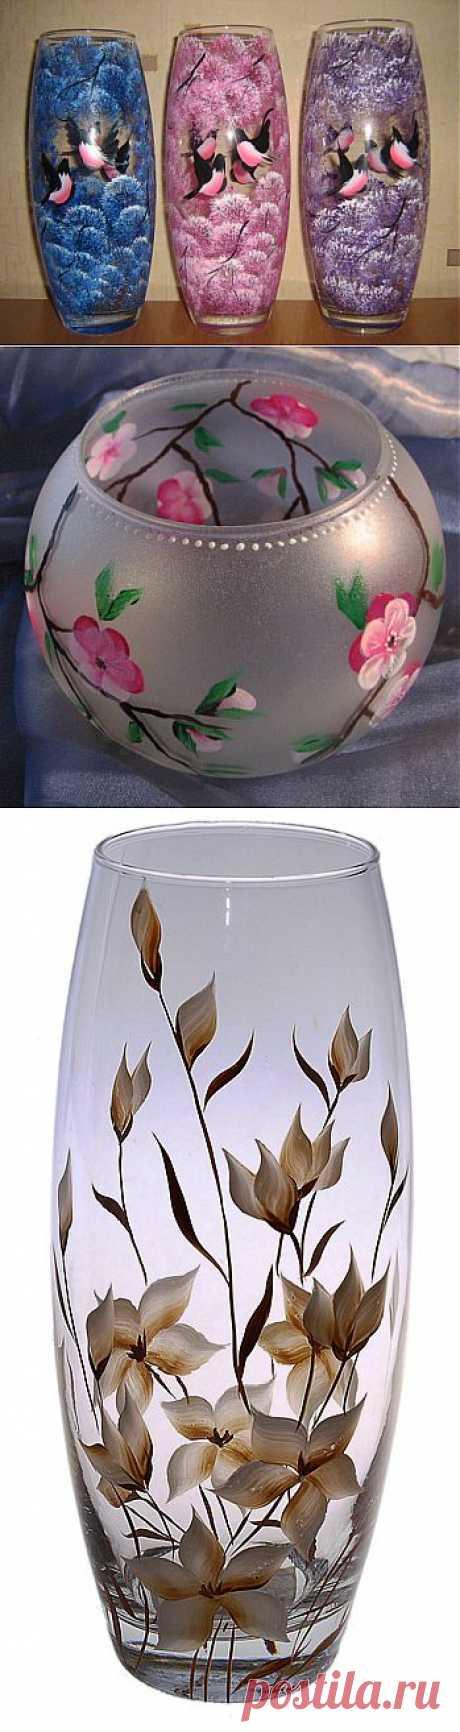 (+1) - la Pintura de los floreros de cristal por las manos | el Interior y el Diseño